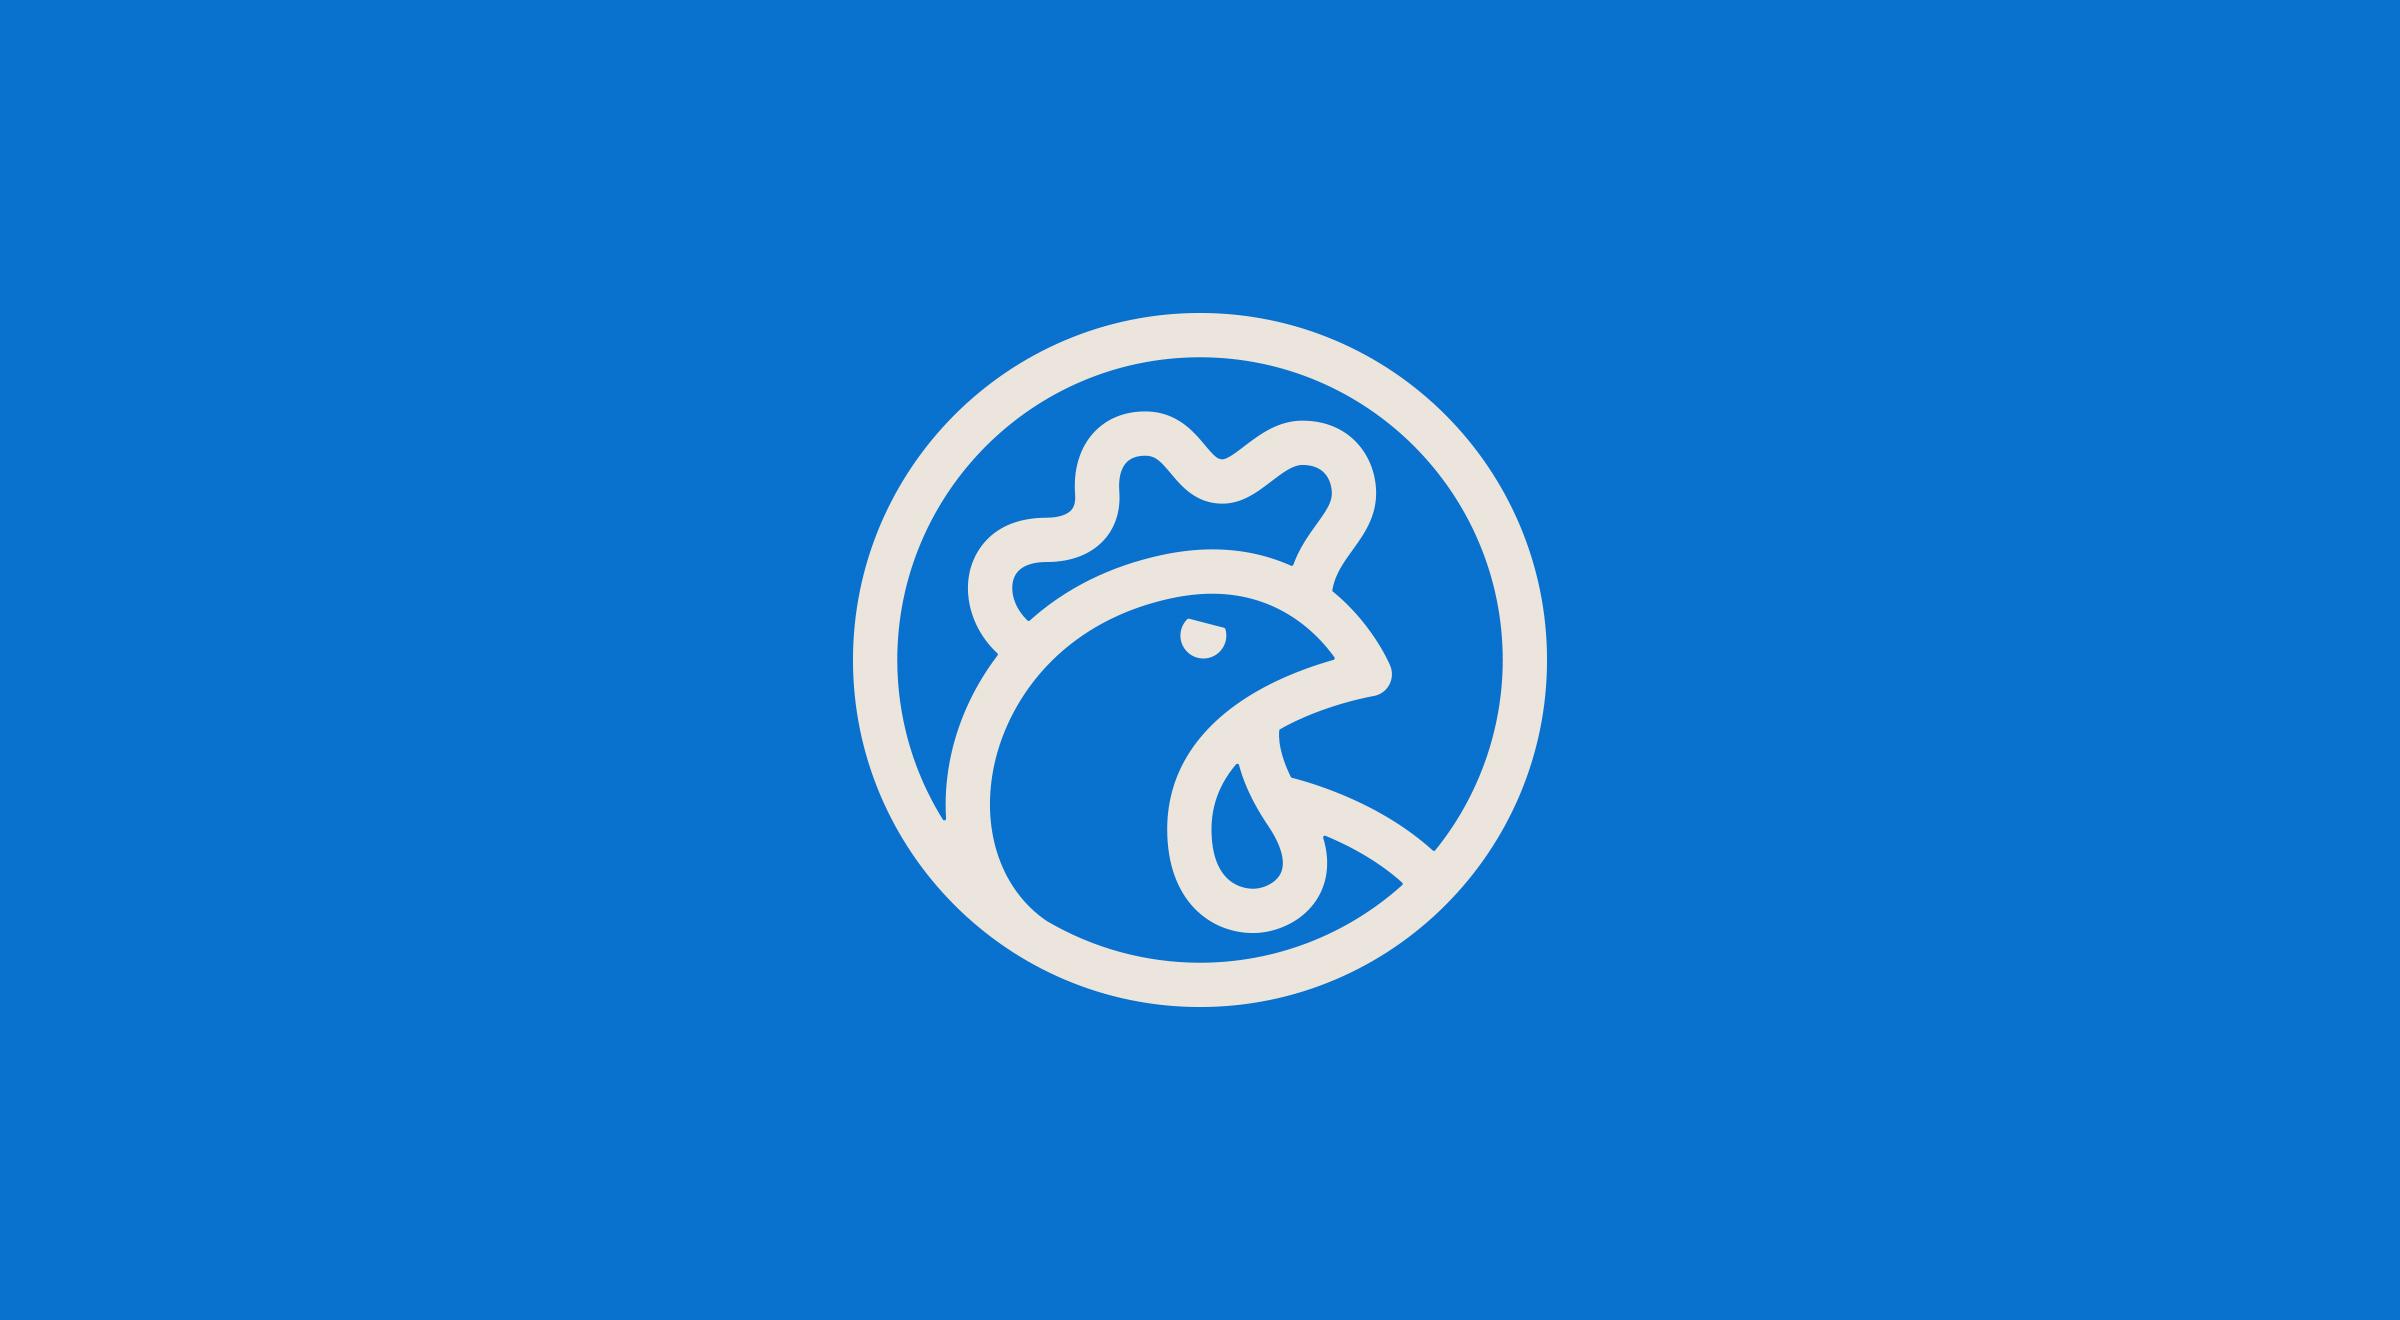 TBS_BlueRooster_PrimaryMark_1